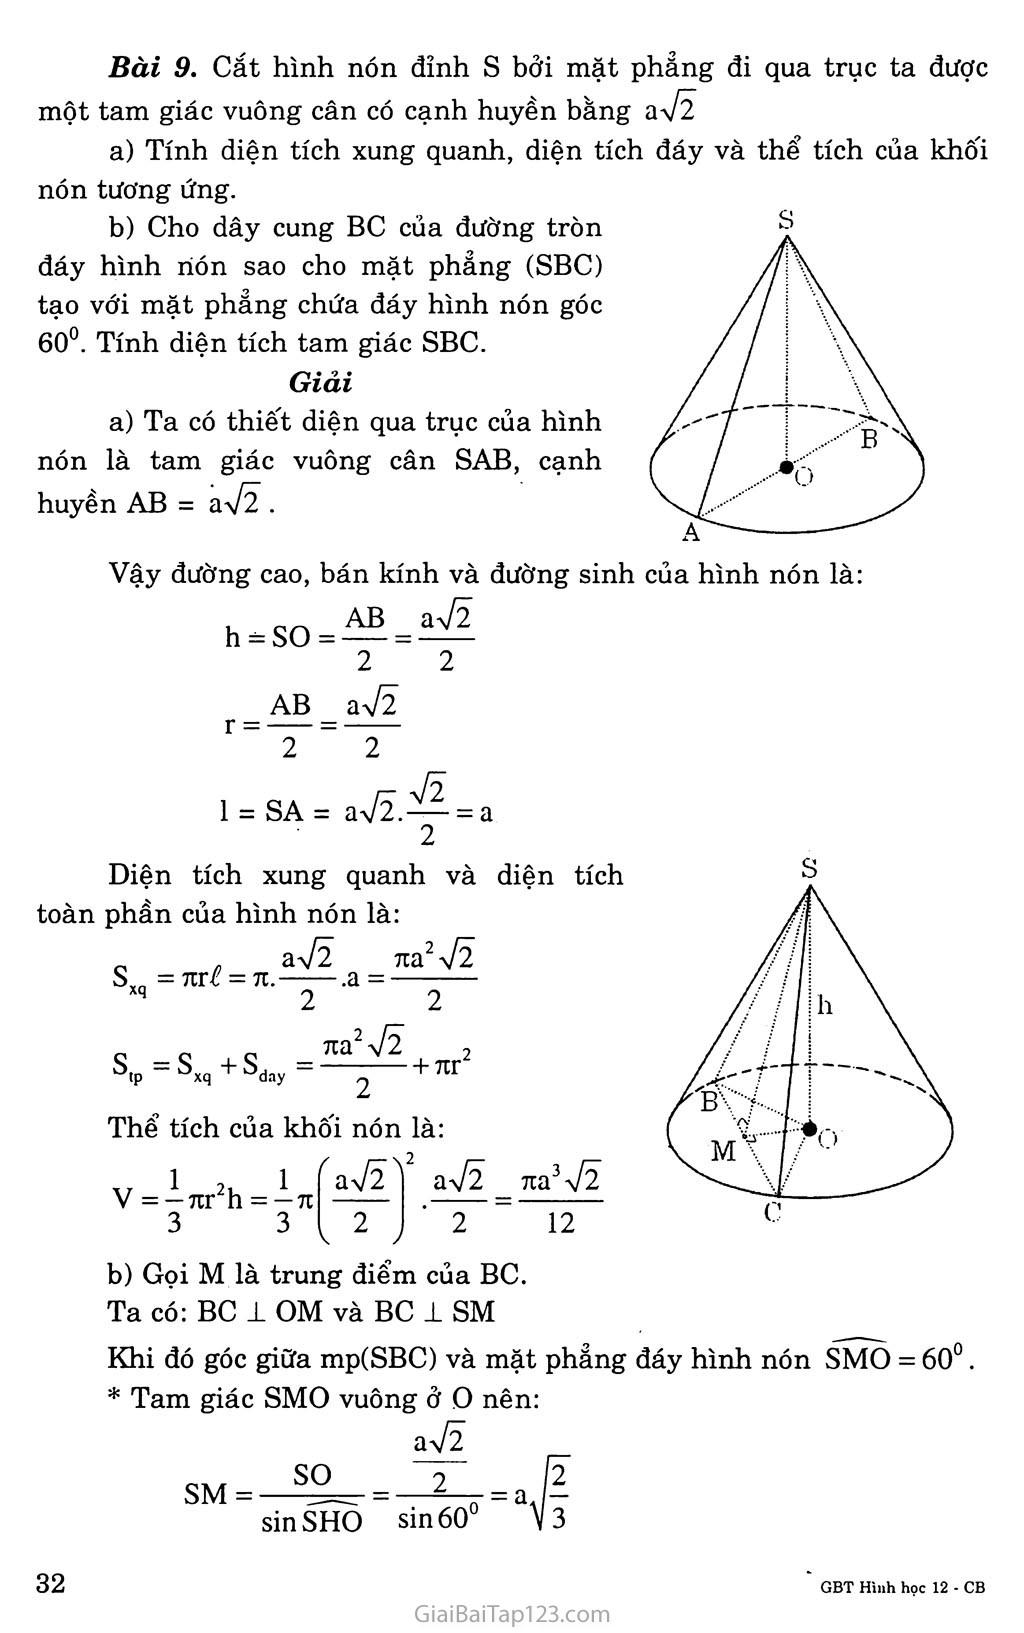 Bài 1. Khái niệm về mặt tròn xoay trang 7